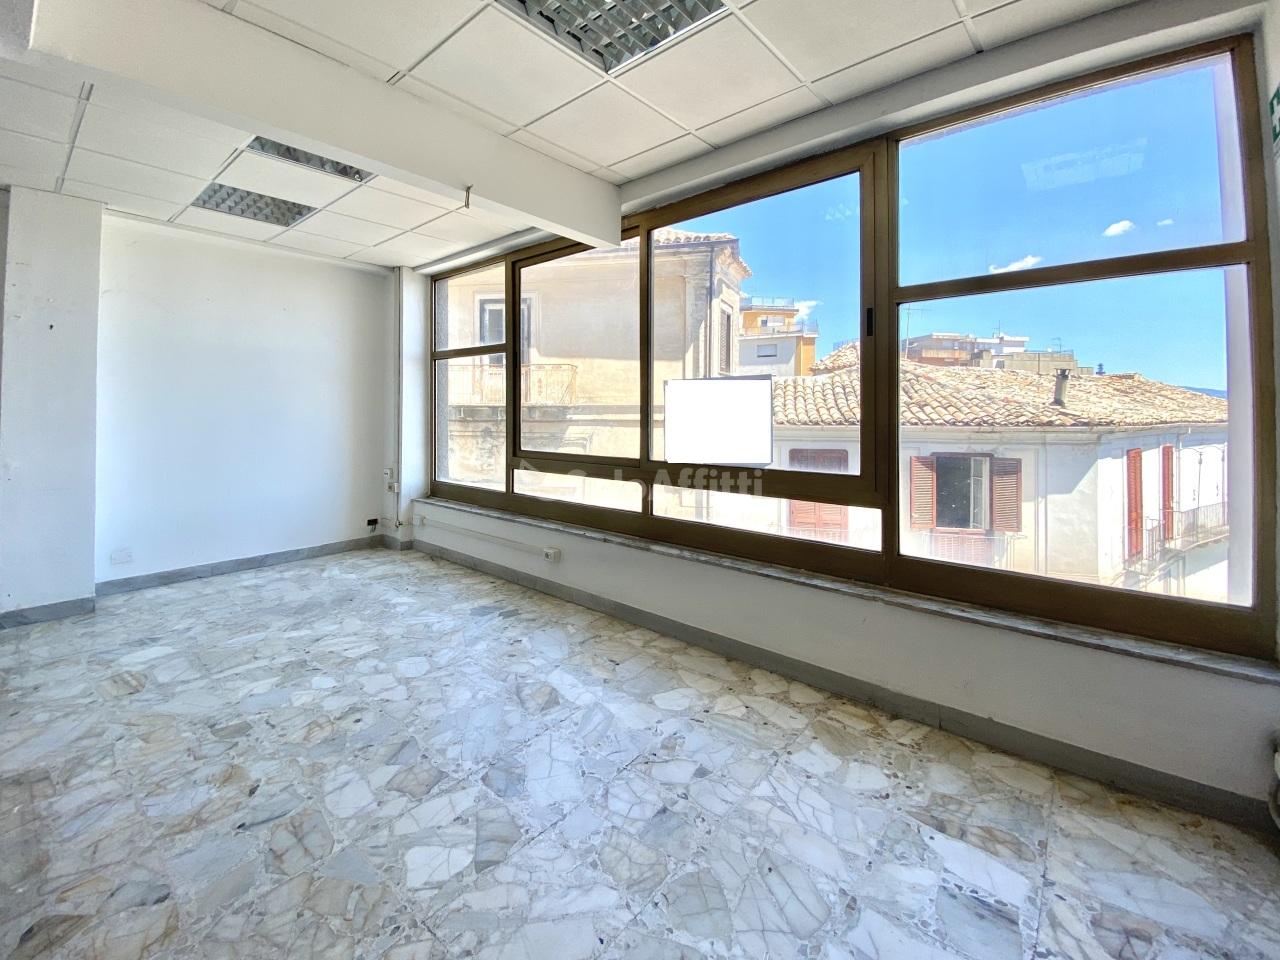 Ufficio in affitto a Catanzaro (CZ)